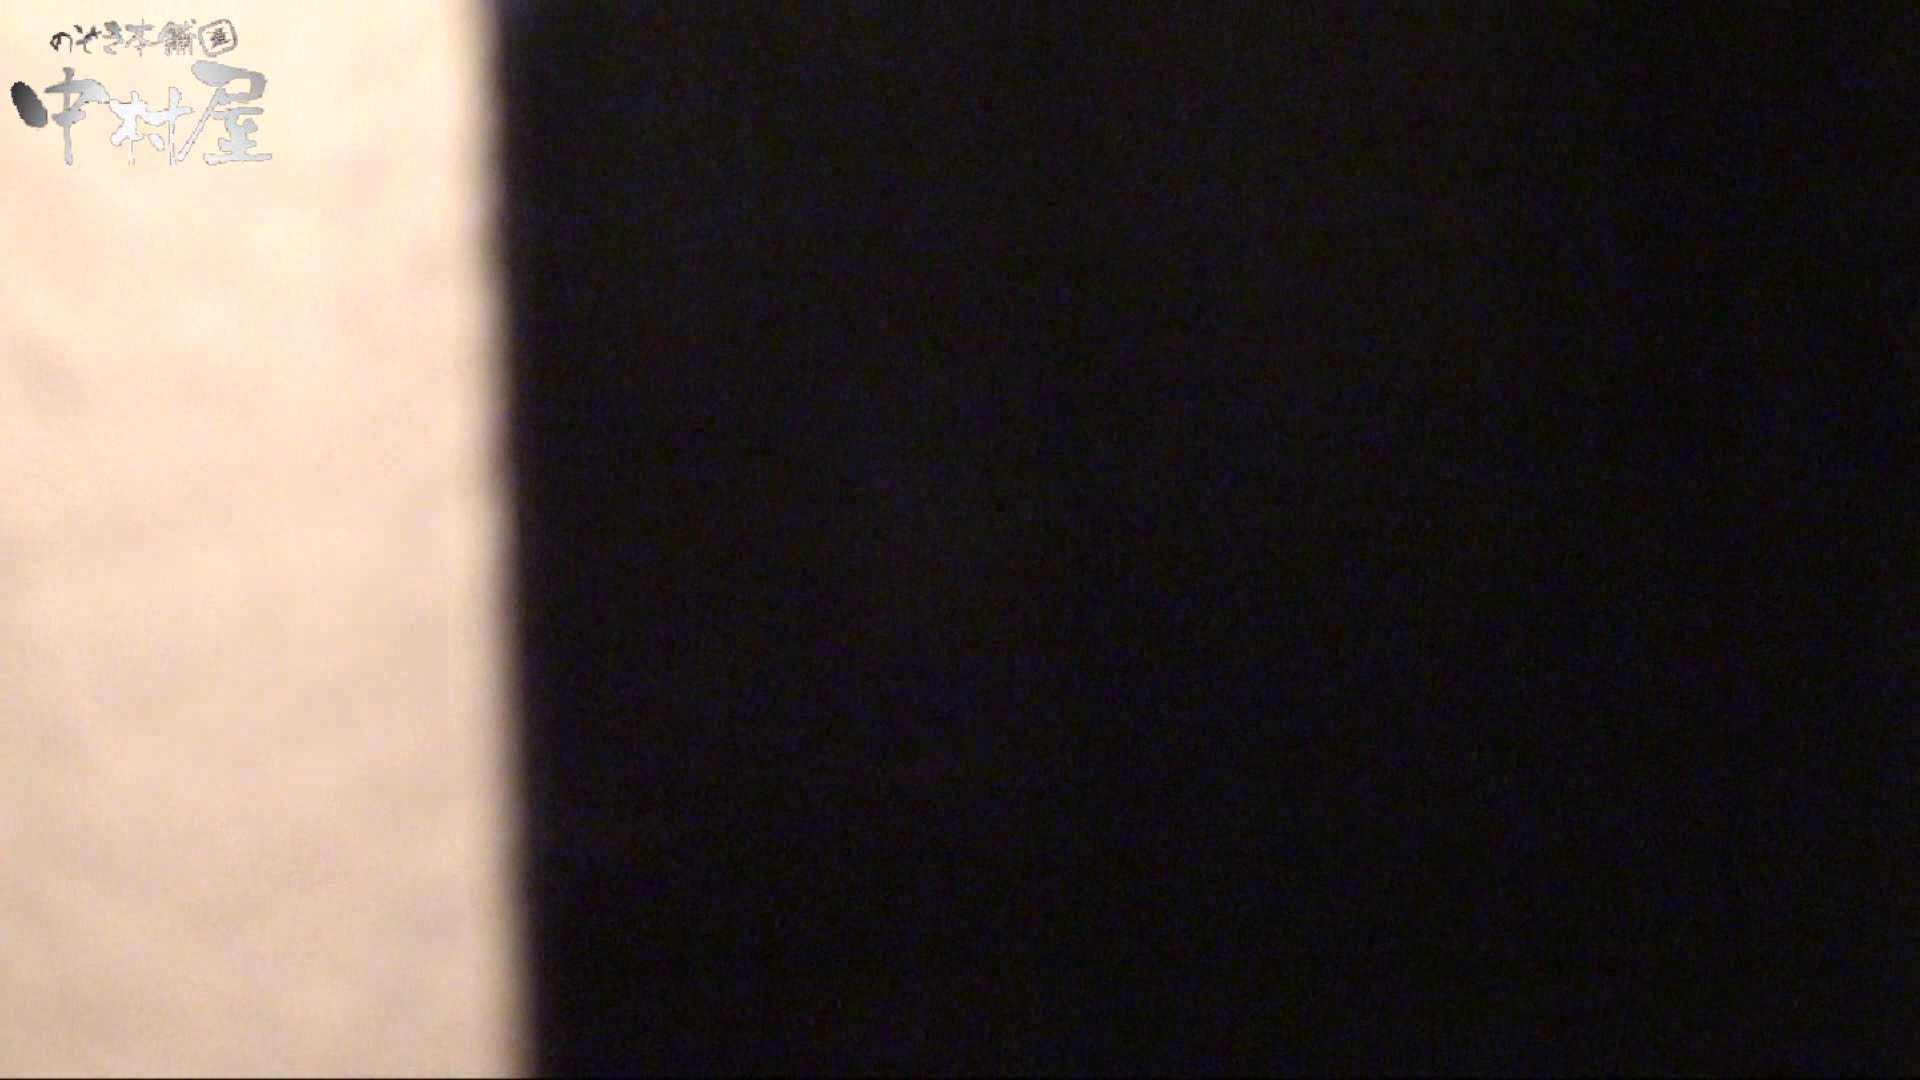 民家盗撮 隙間の向こう側 vol.01 シャワー アダルト動画キャプチャ 105PICs 39